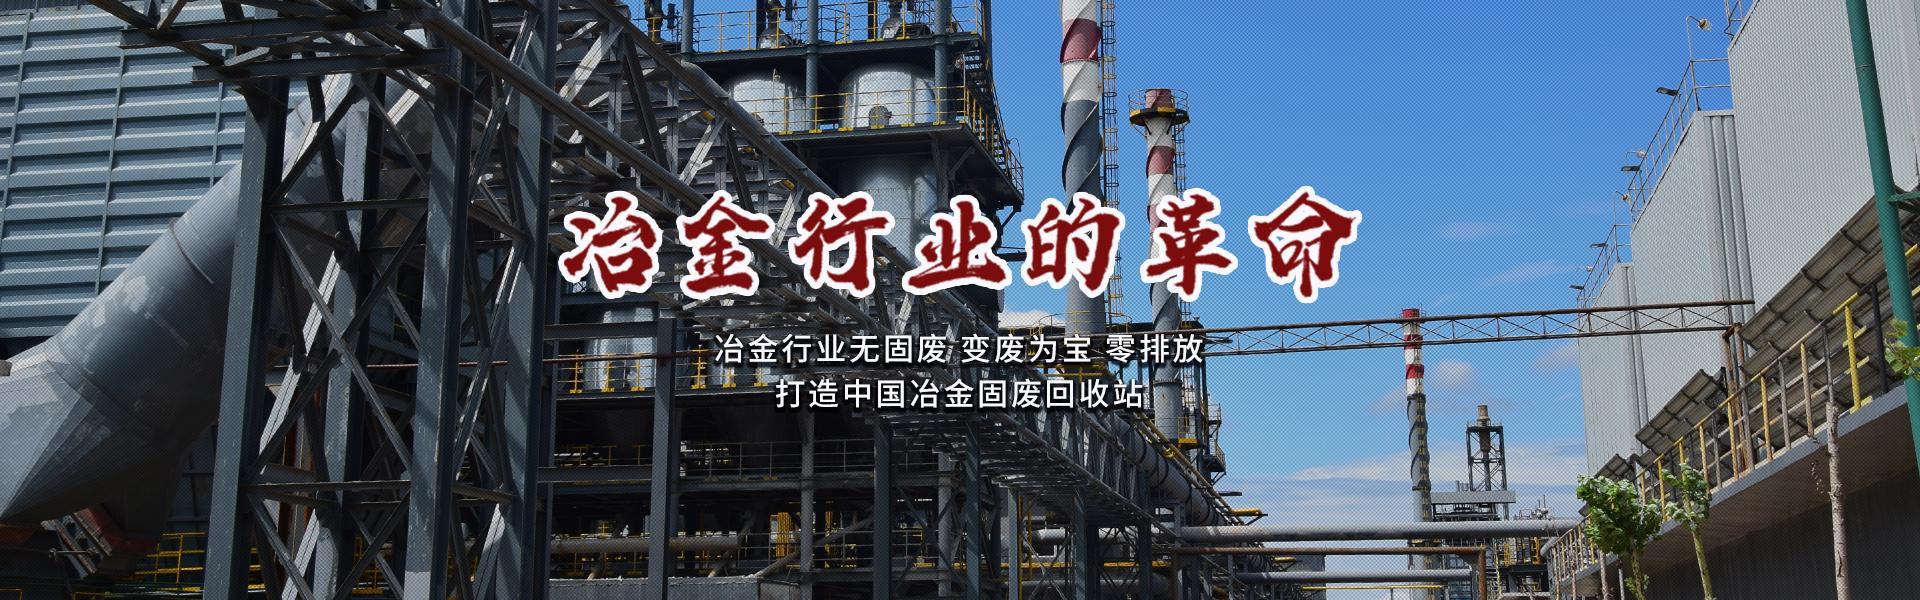 硫酸锌厂家